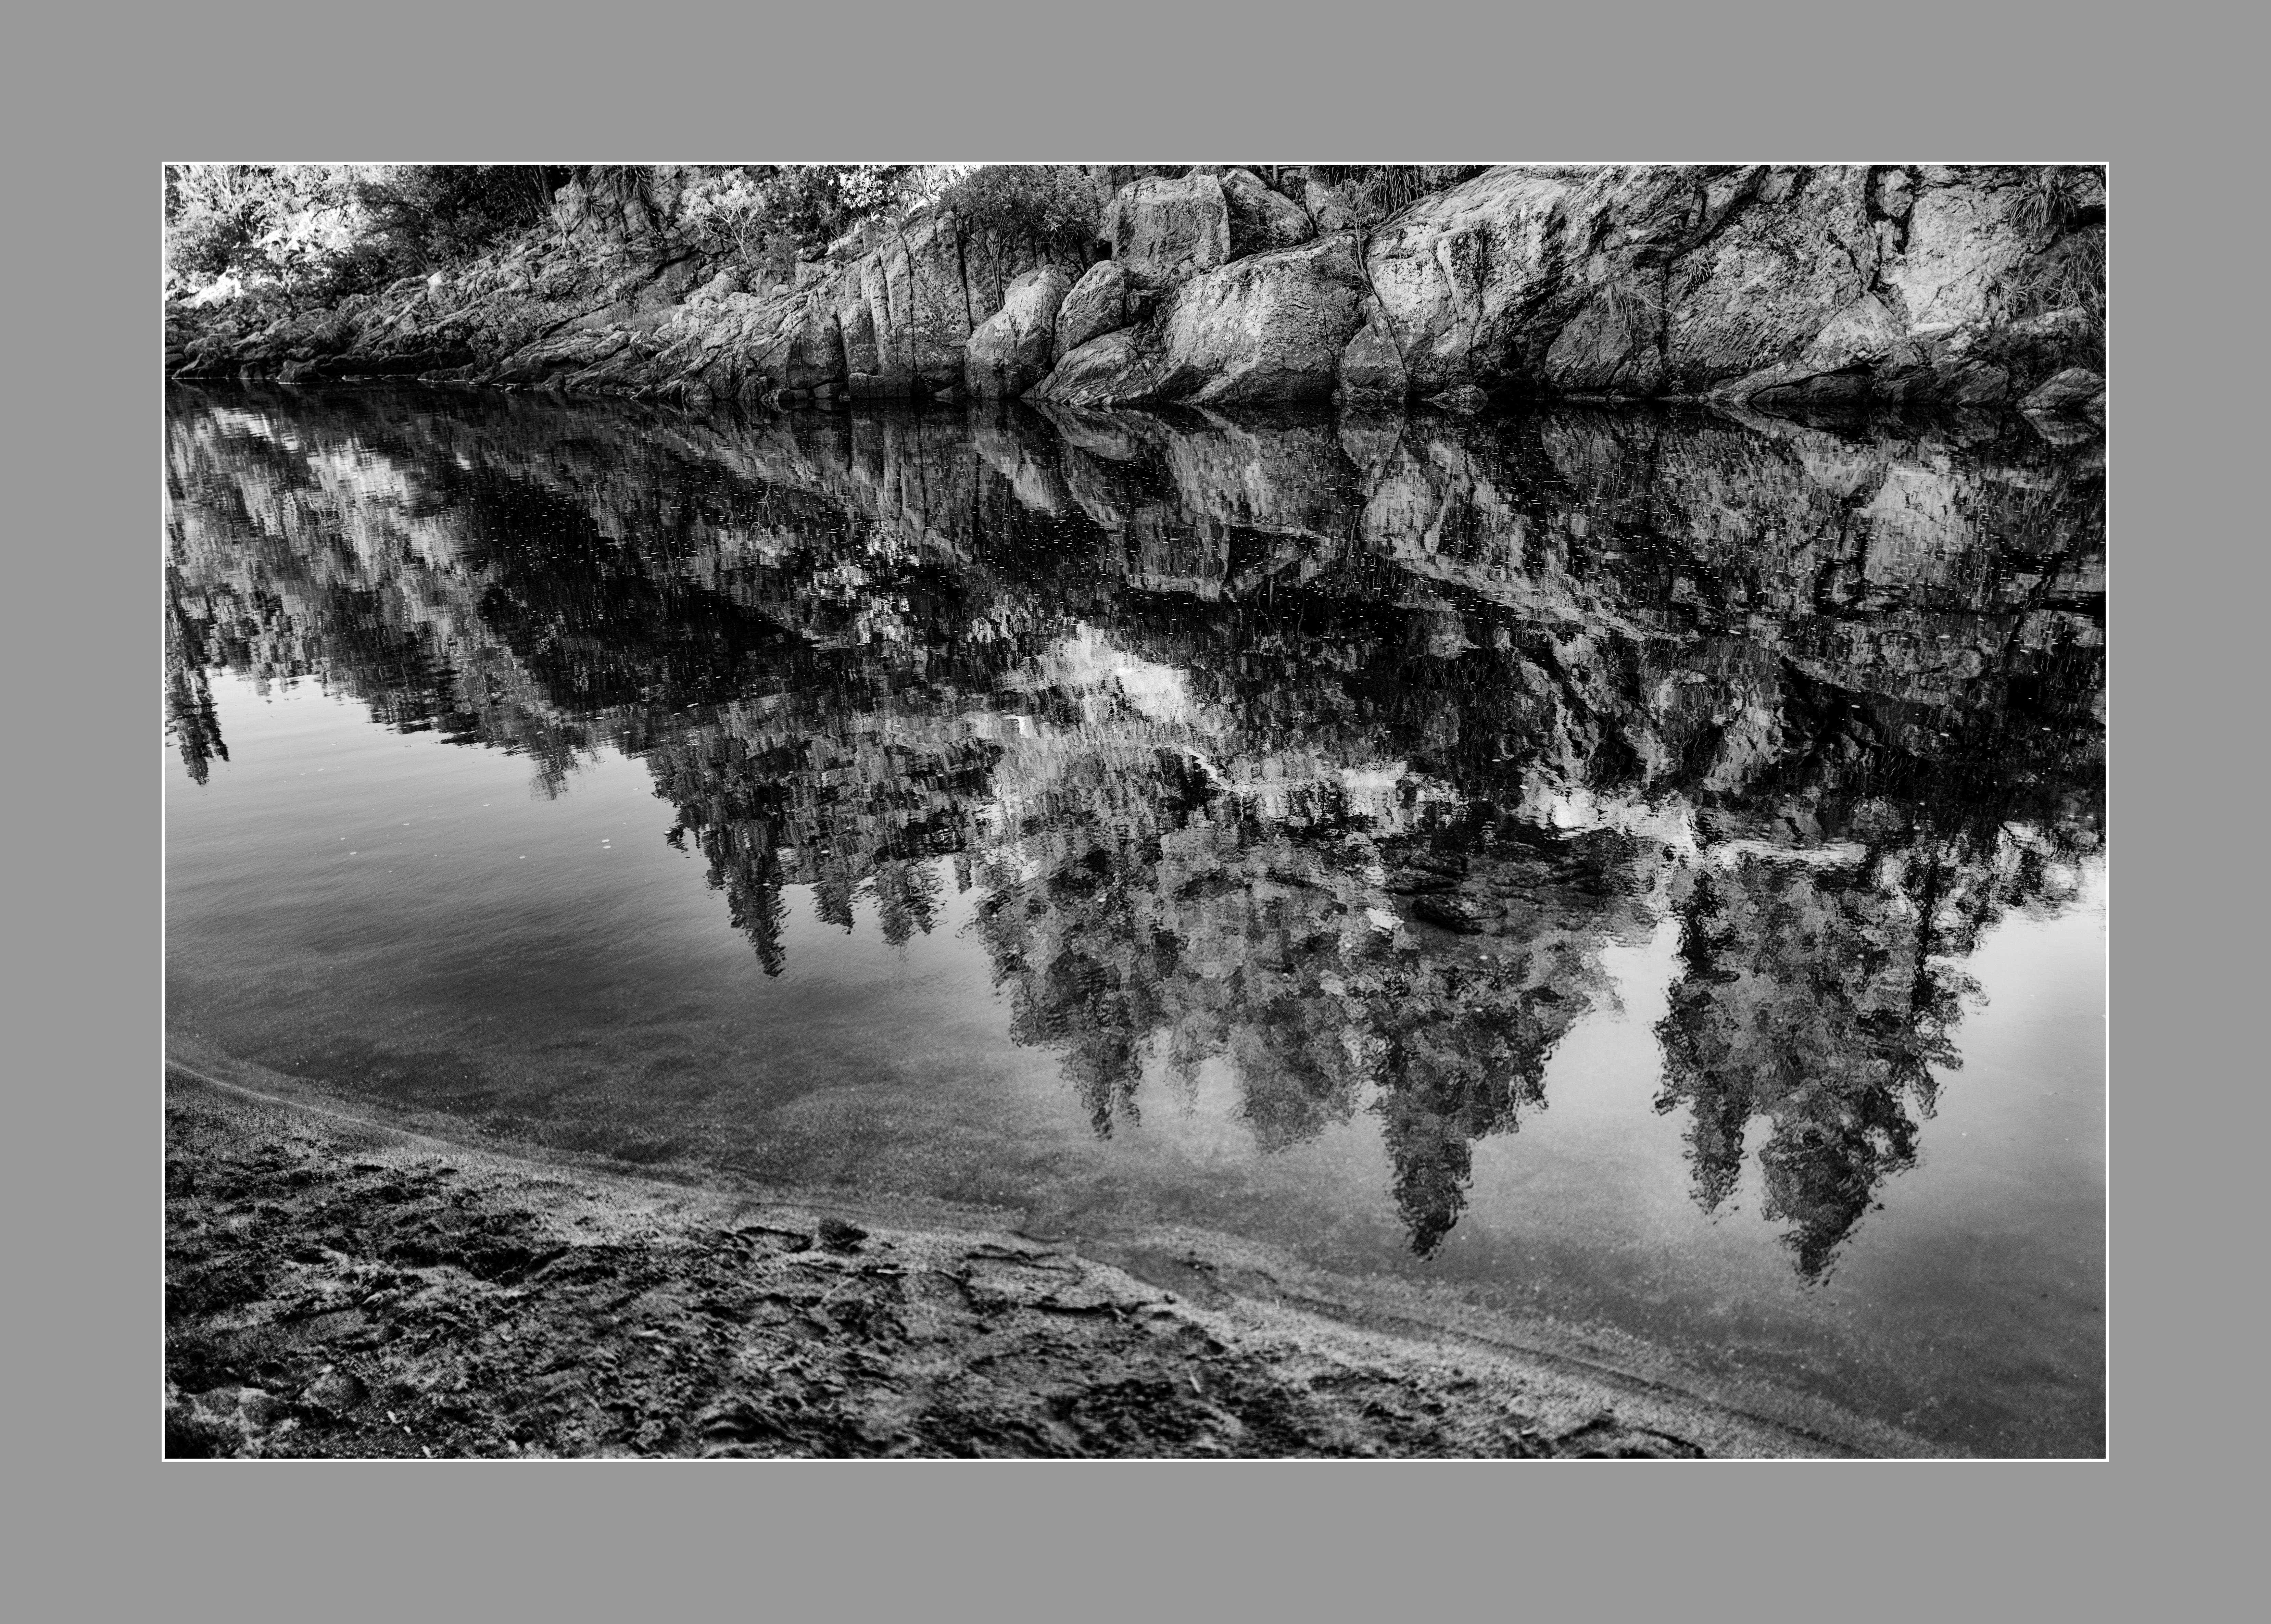 """""""Reflejos en río"""", La olla, Santa Rosa de Calamuchita, Córdoba, Argentina. Enero 2017."""